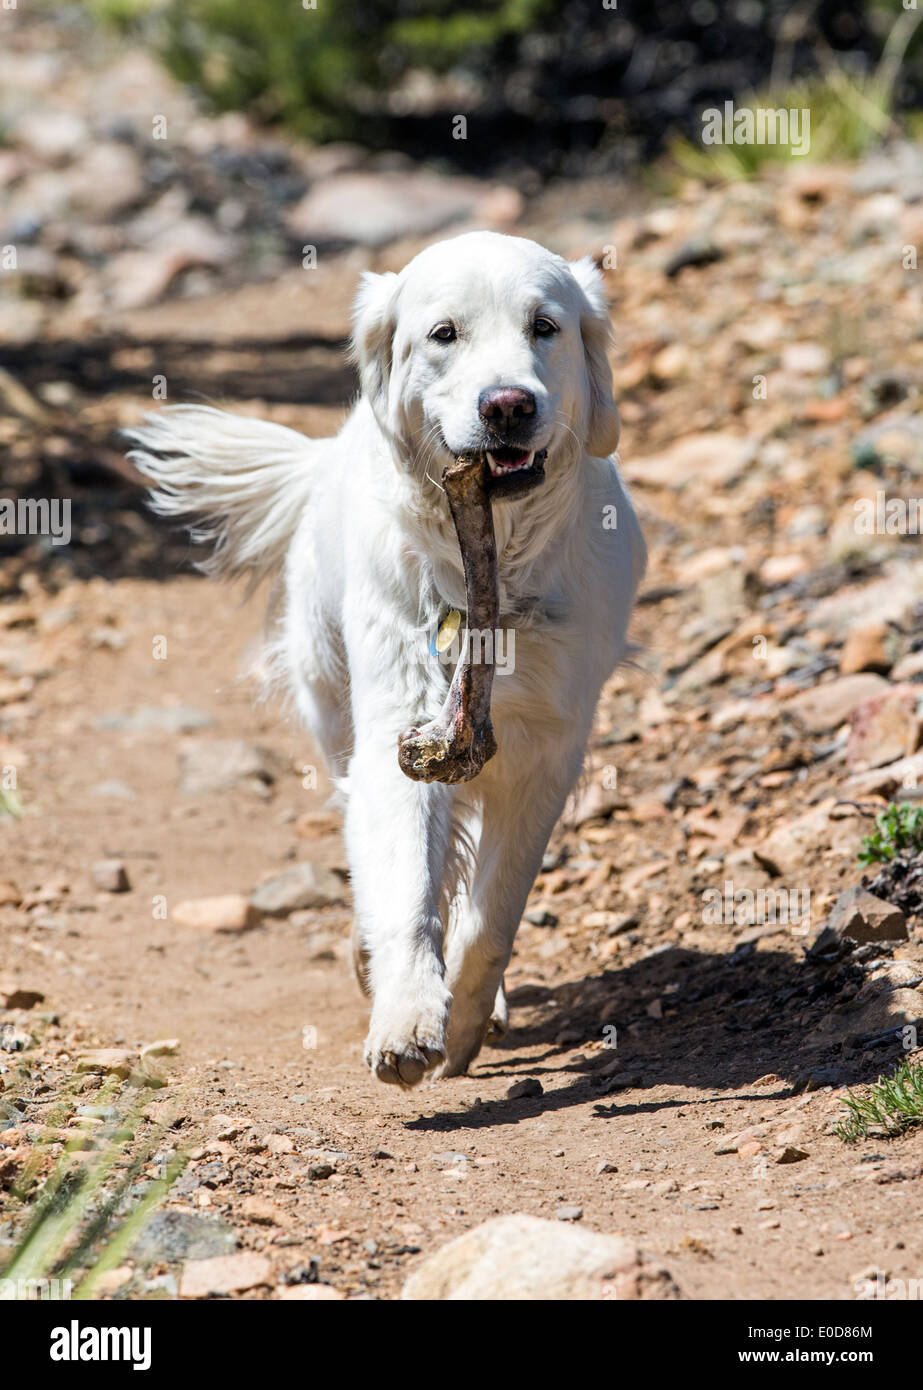 Platin farbige Golden Retriever Hund mit einem Knochen Hirsch auf einem Bergweg Stockbild